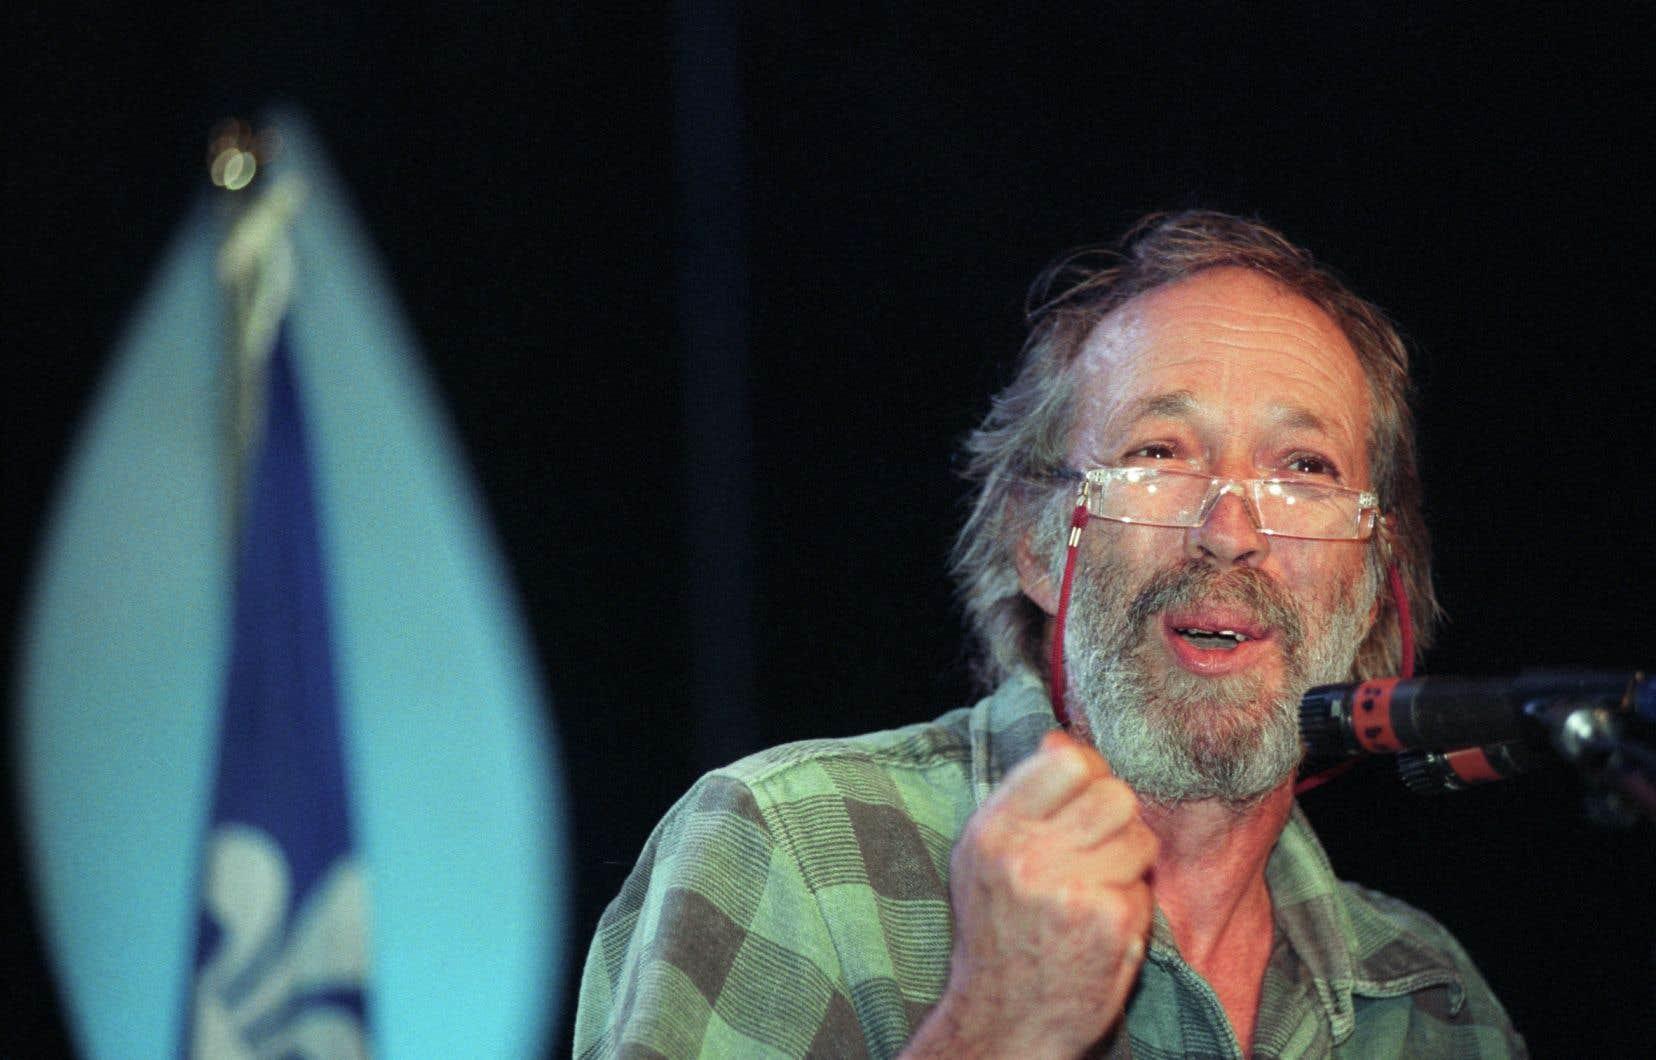 Pierre Falardeau lors d'un rassemblement sur la souveraineté au Medley en décembre 2001